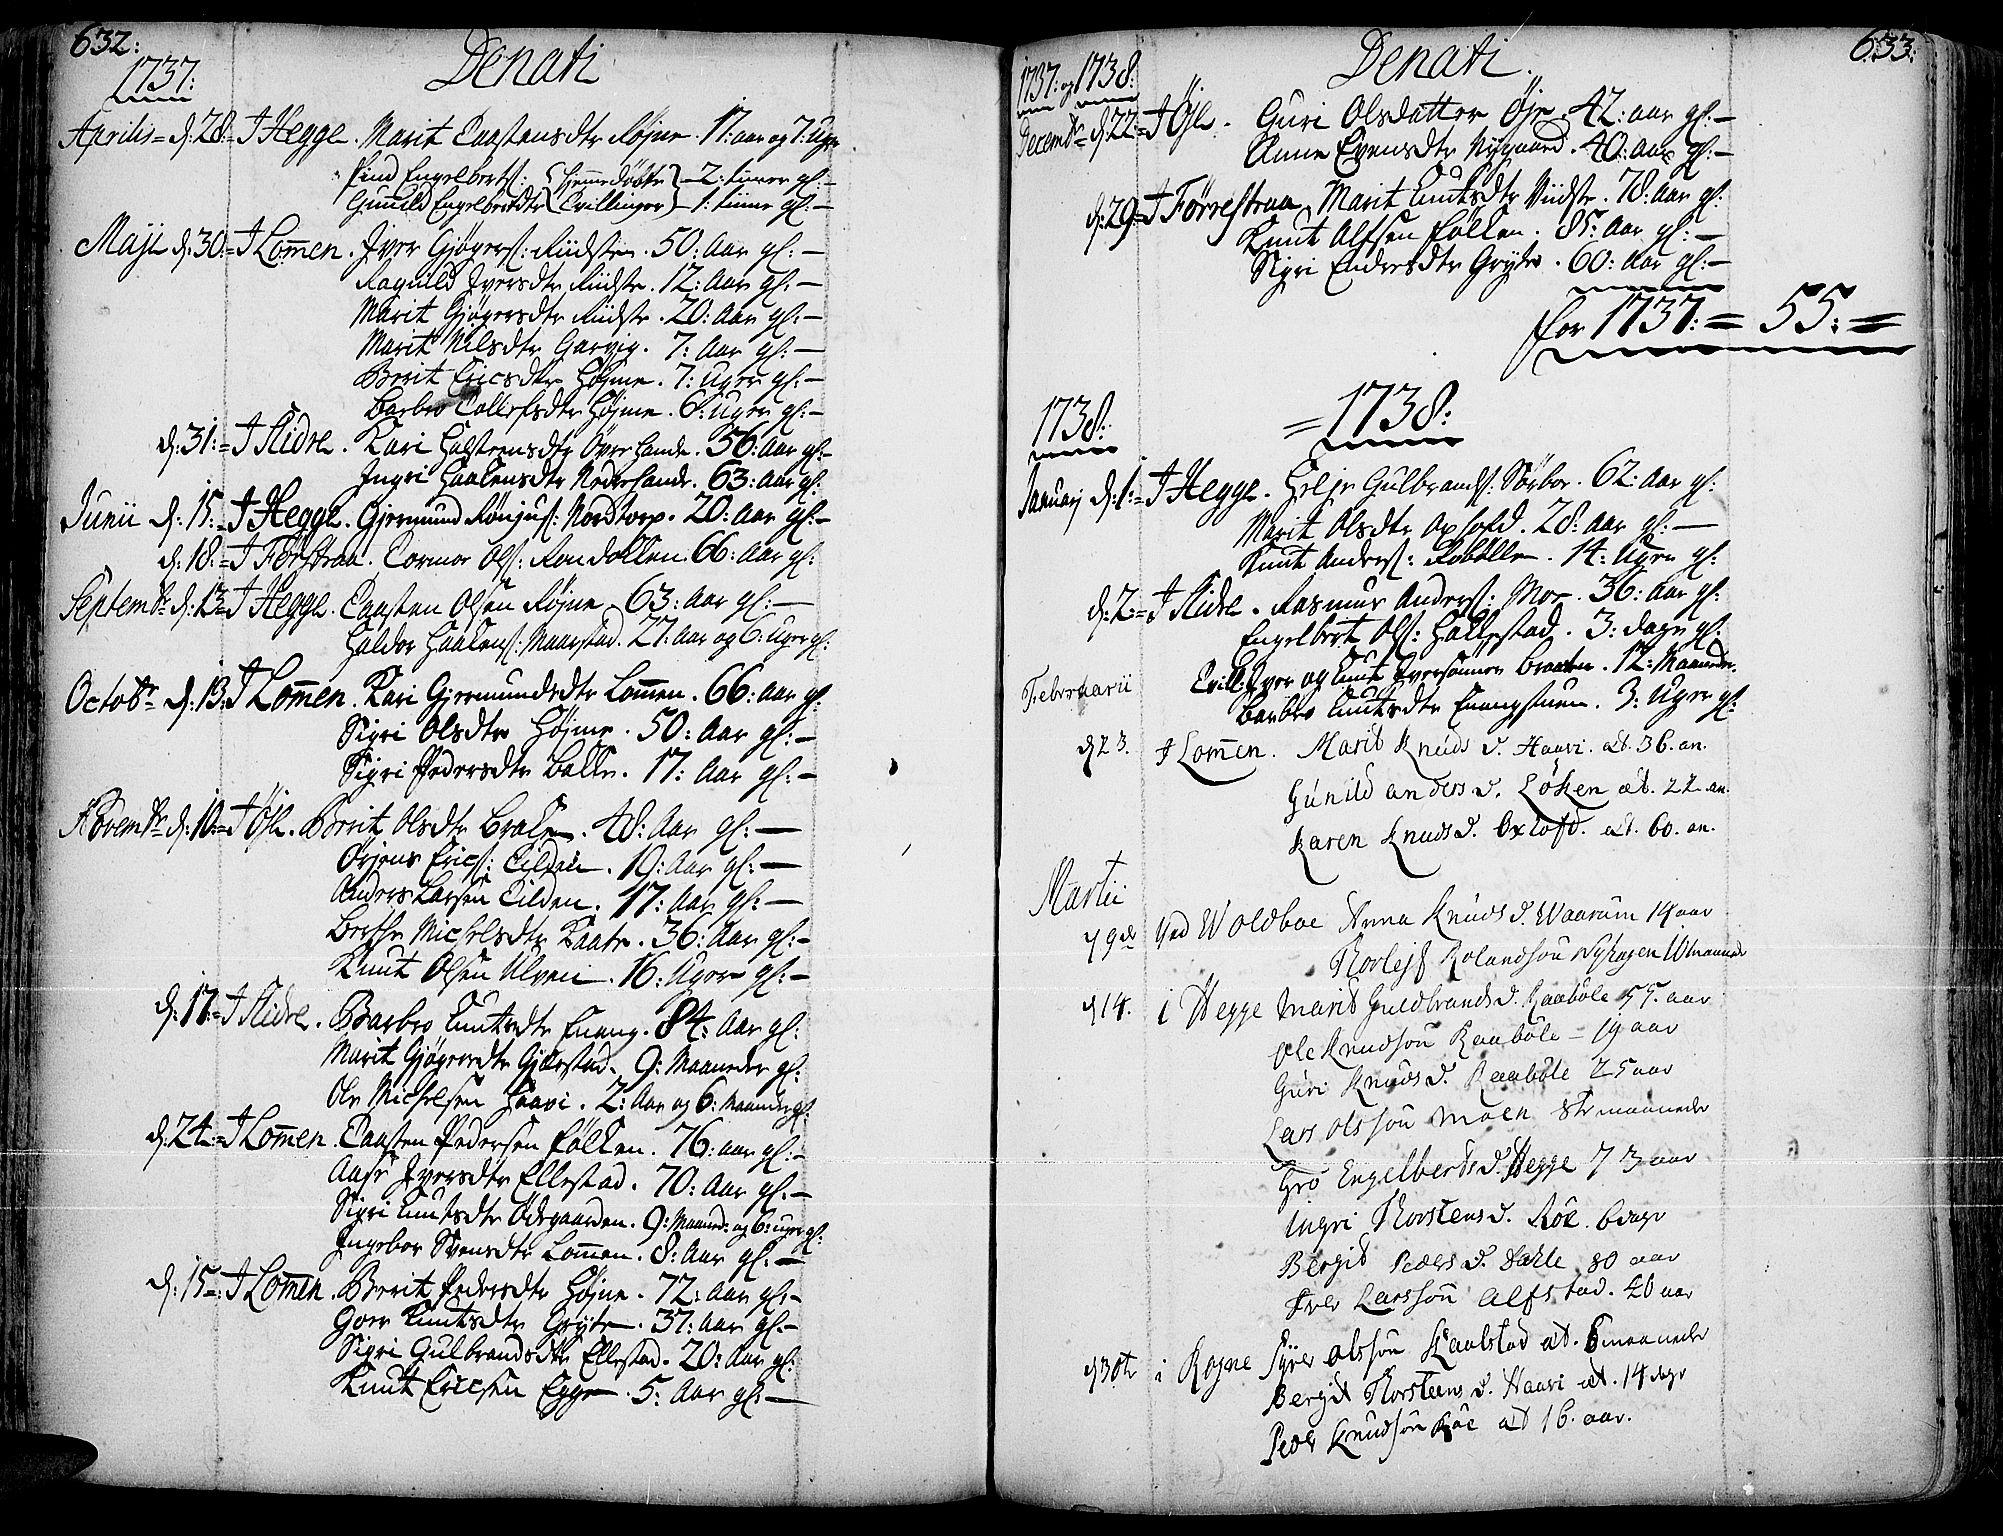 SAH, Slidre prestekontor, Ministerialbok nr. 1, 1724-1814, s. 632-633